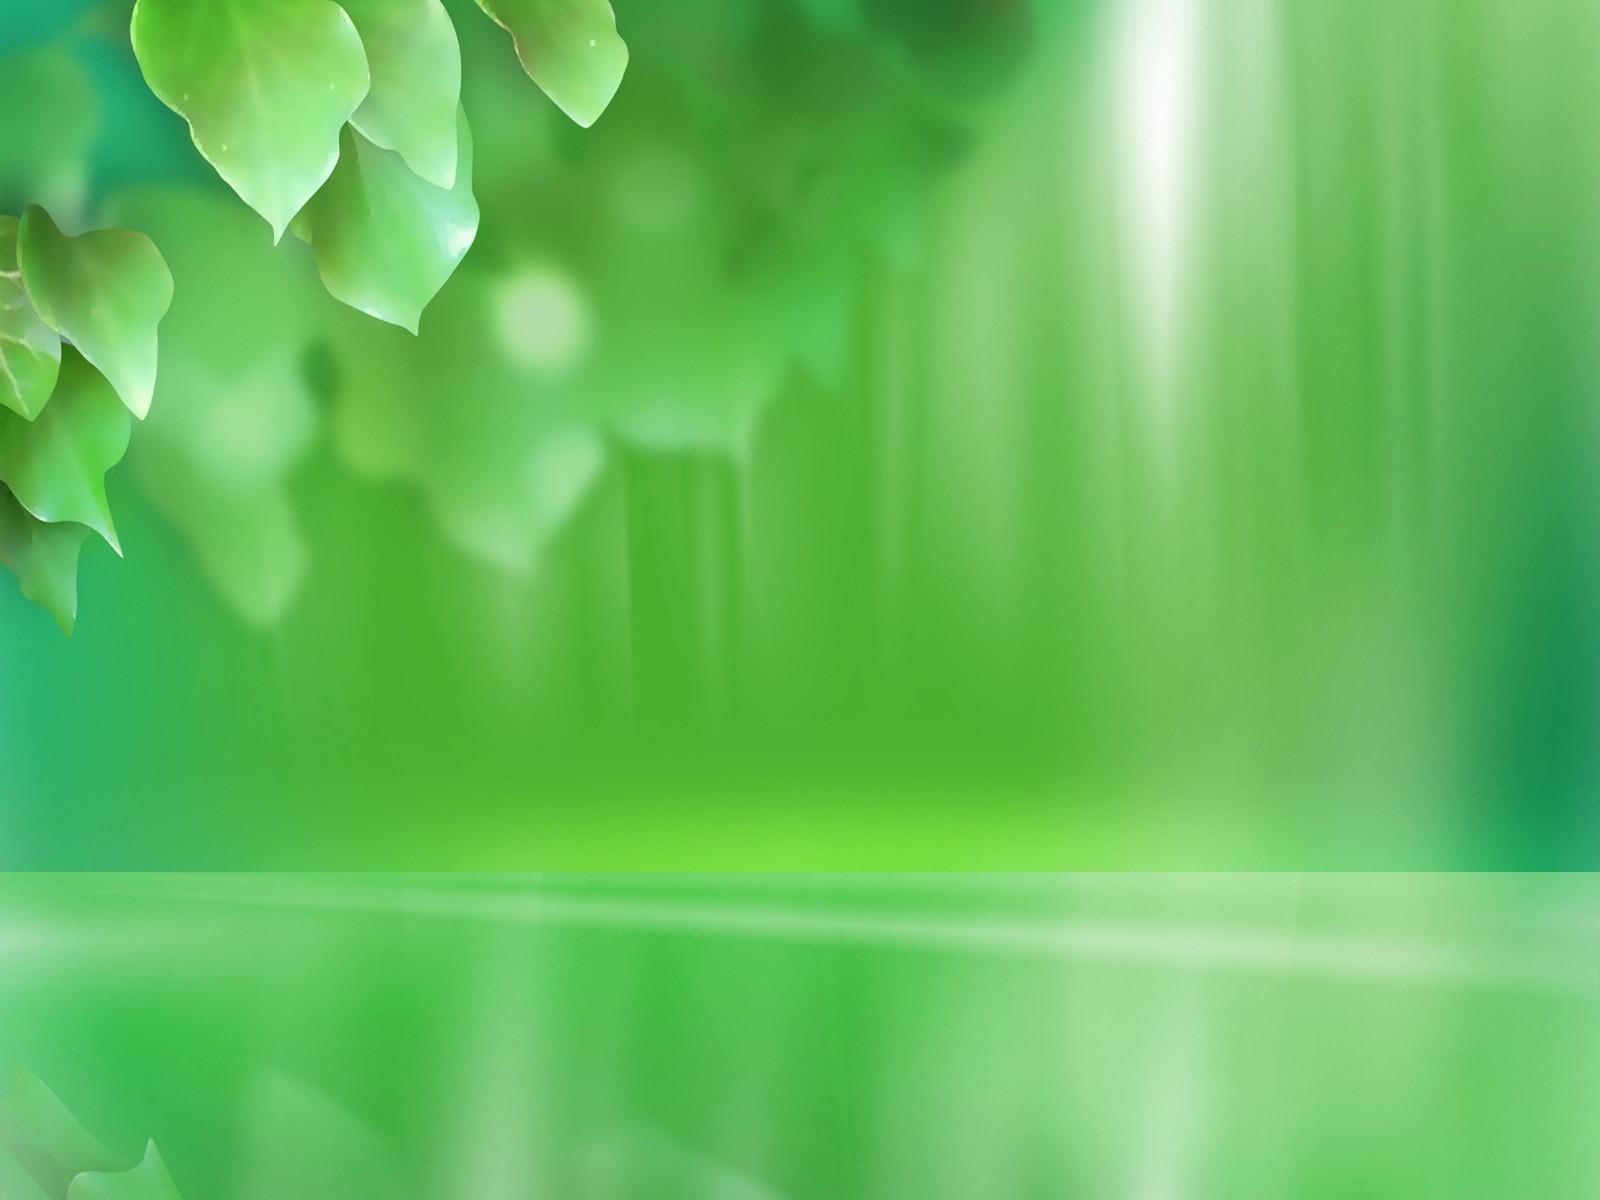 Ppt Background Green Leaves Ppt Backgrounds Slide